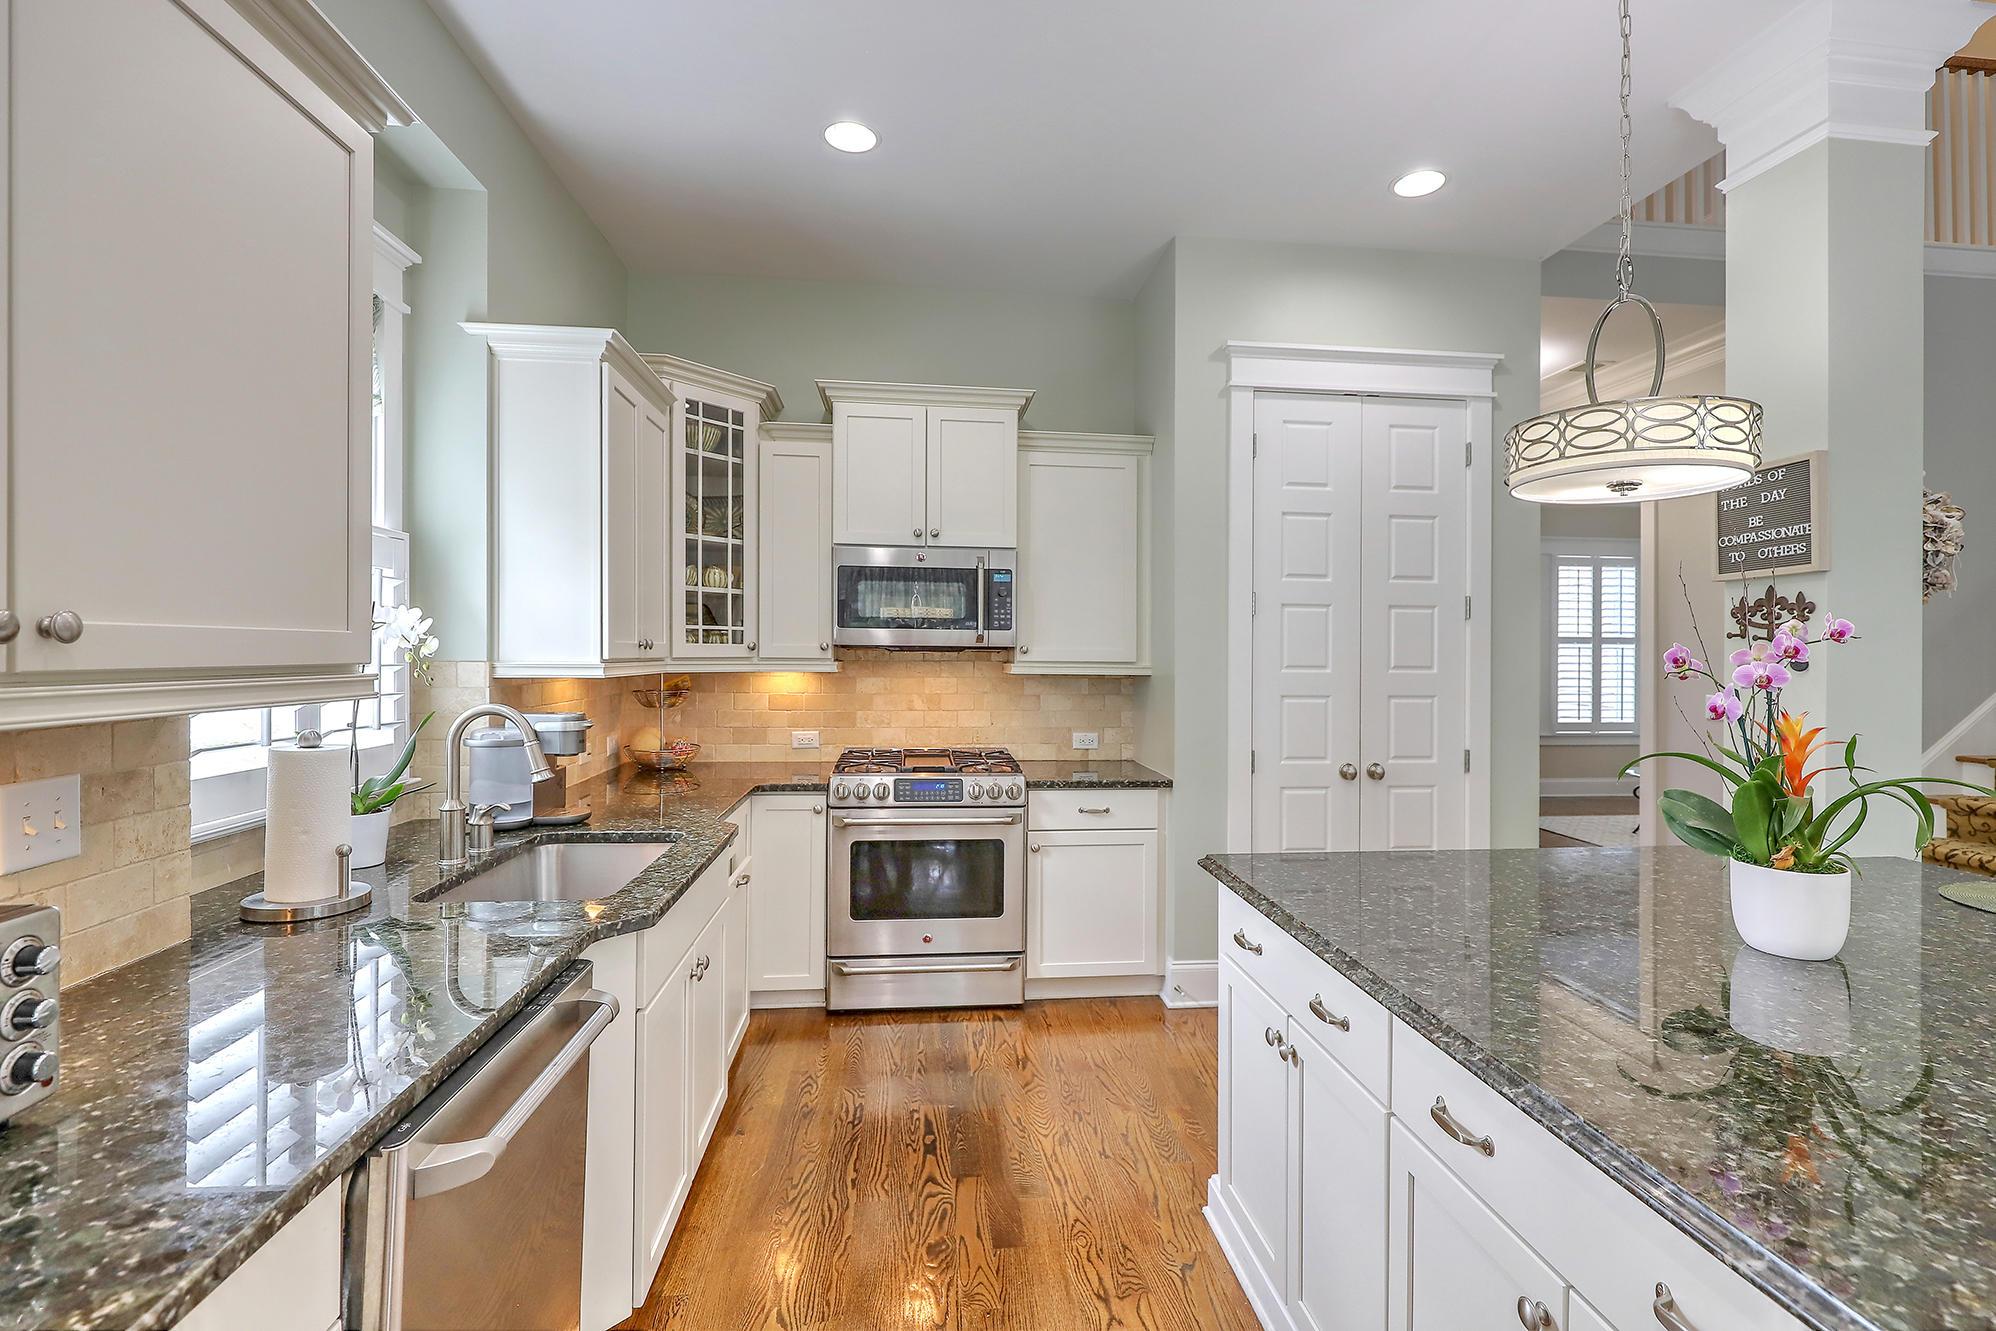 Park West Homes For Sale - 1516 Capel, Mount Pleasant, SC - 38